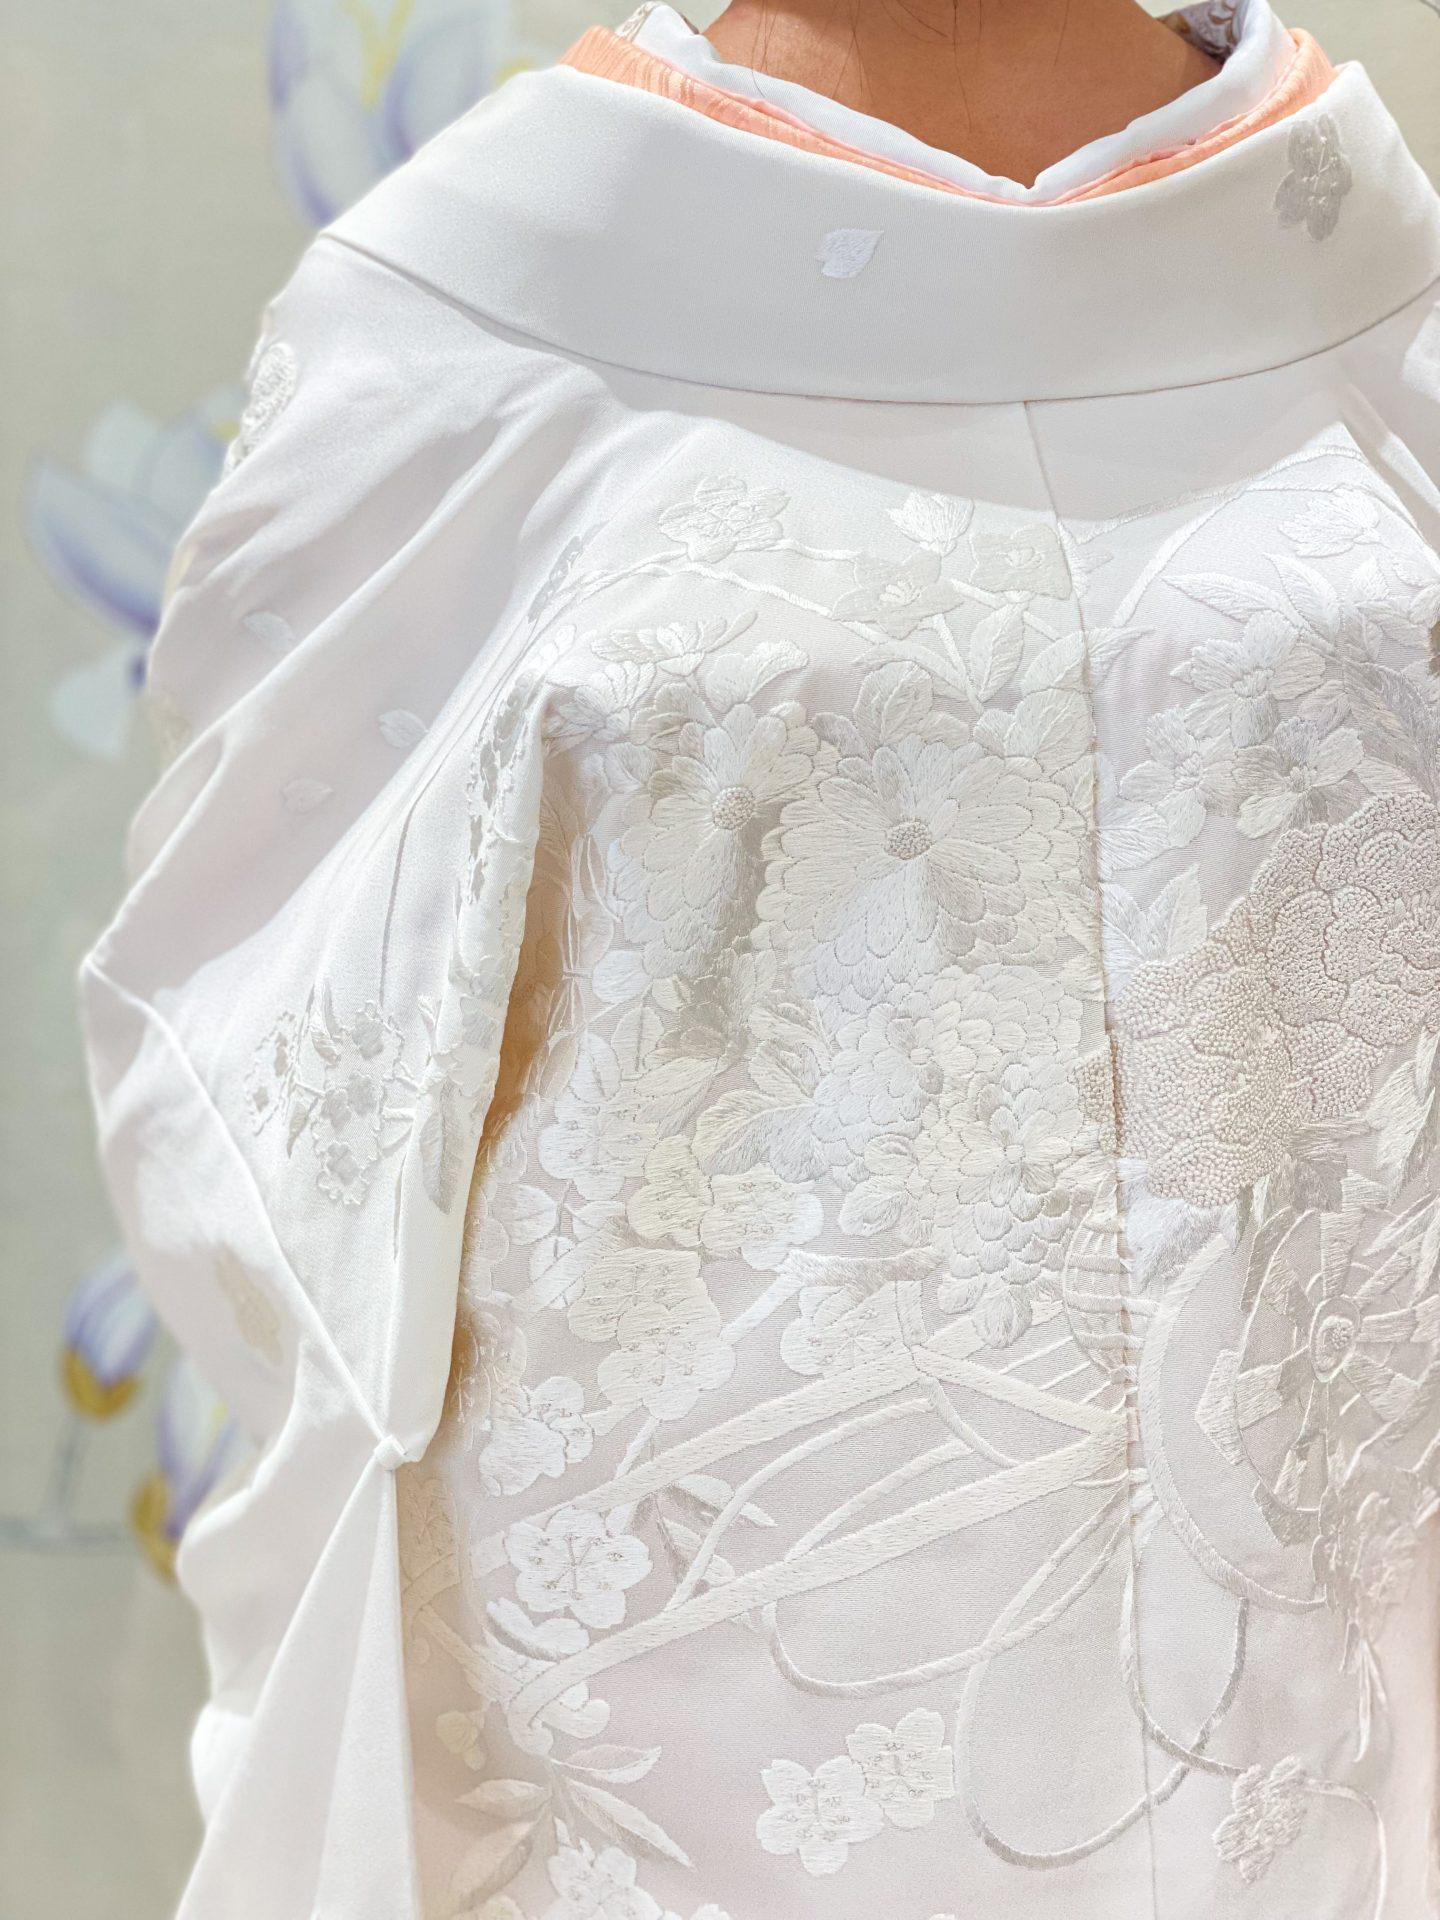 桜や牡丹の柄行の刺繍と相良刺繍が美しい白無垢は自然が美しい結婚式会場におすすめな1着です